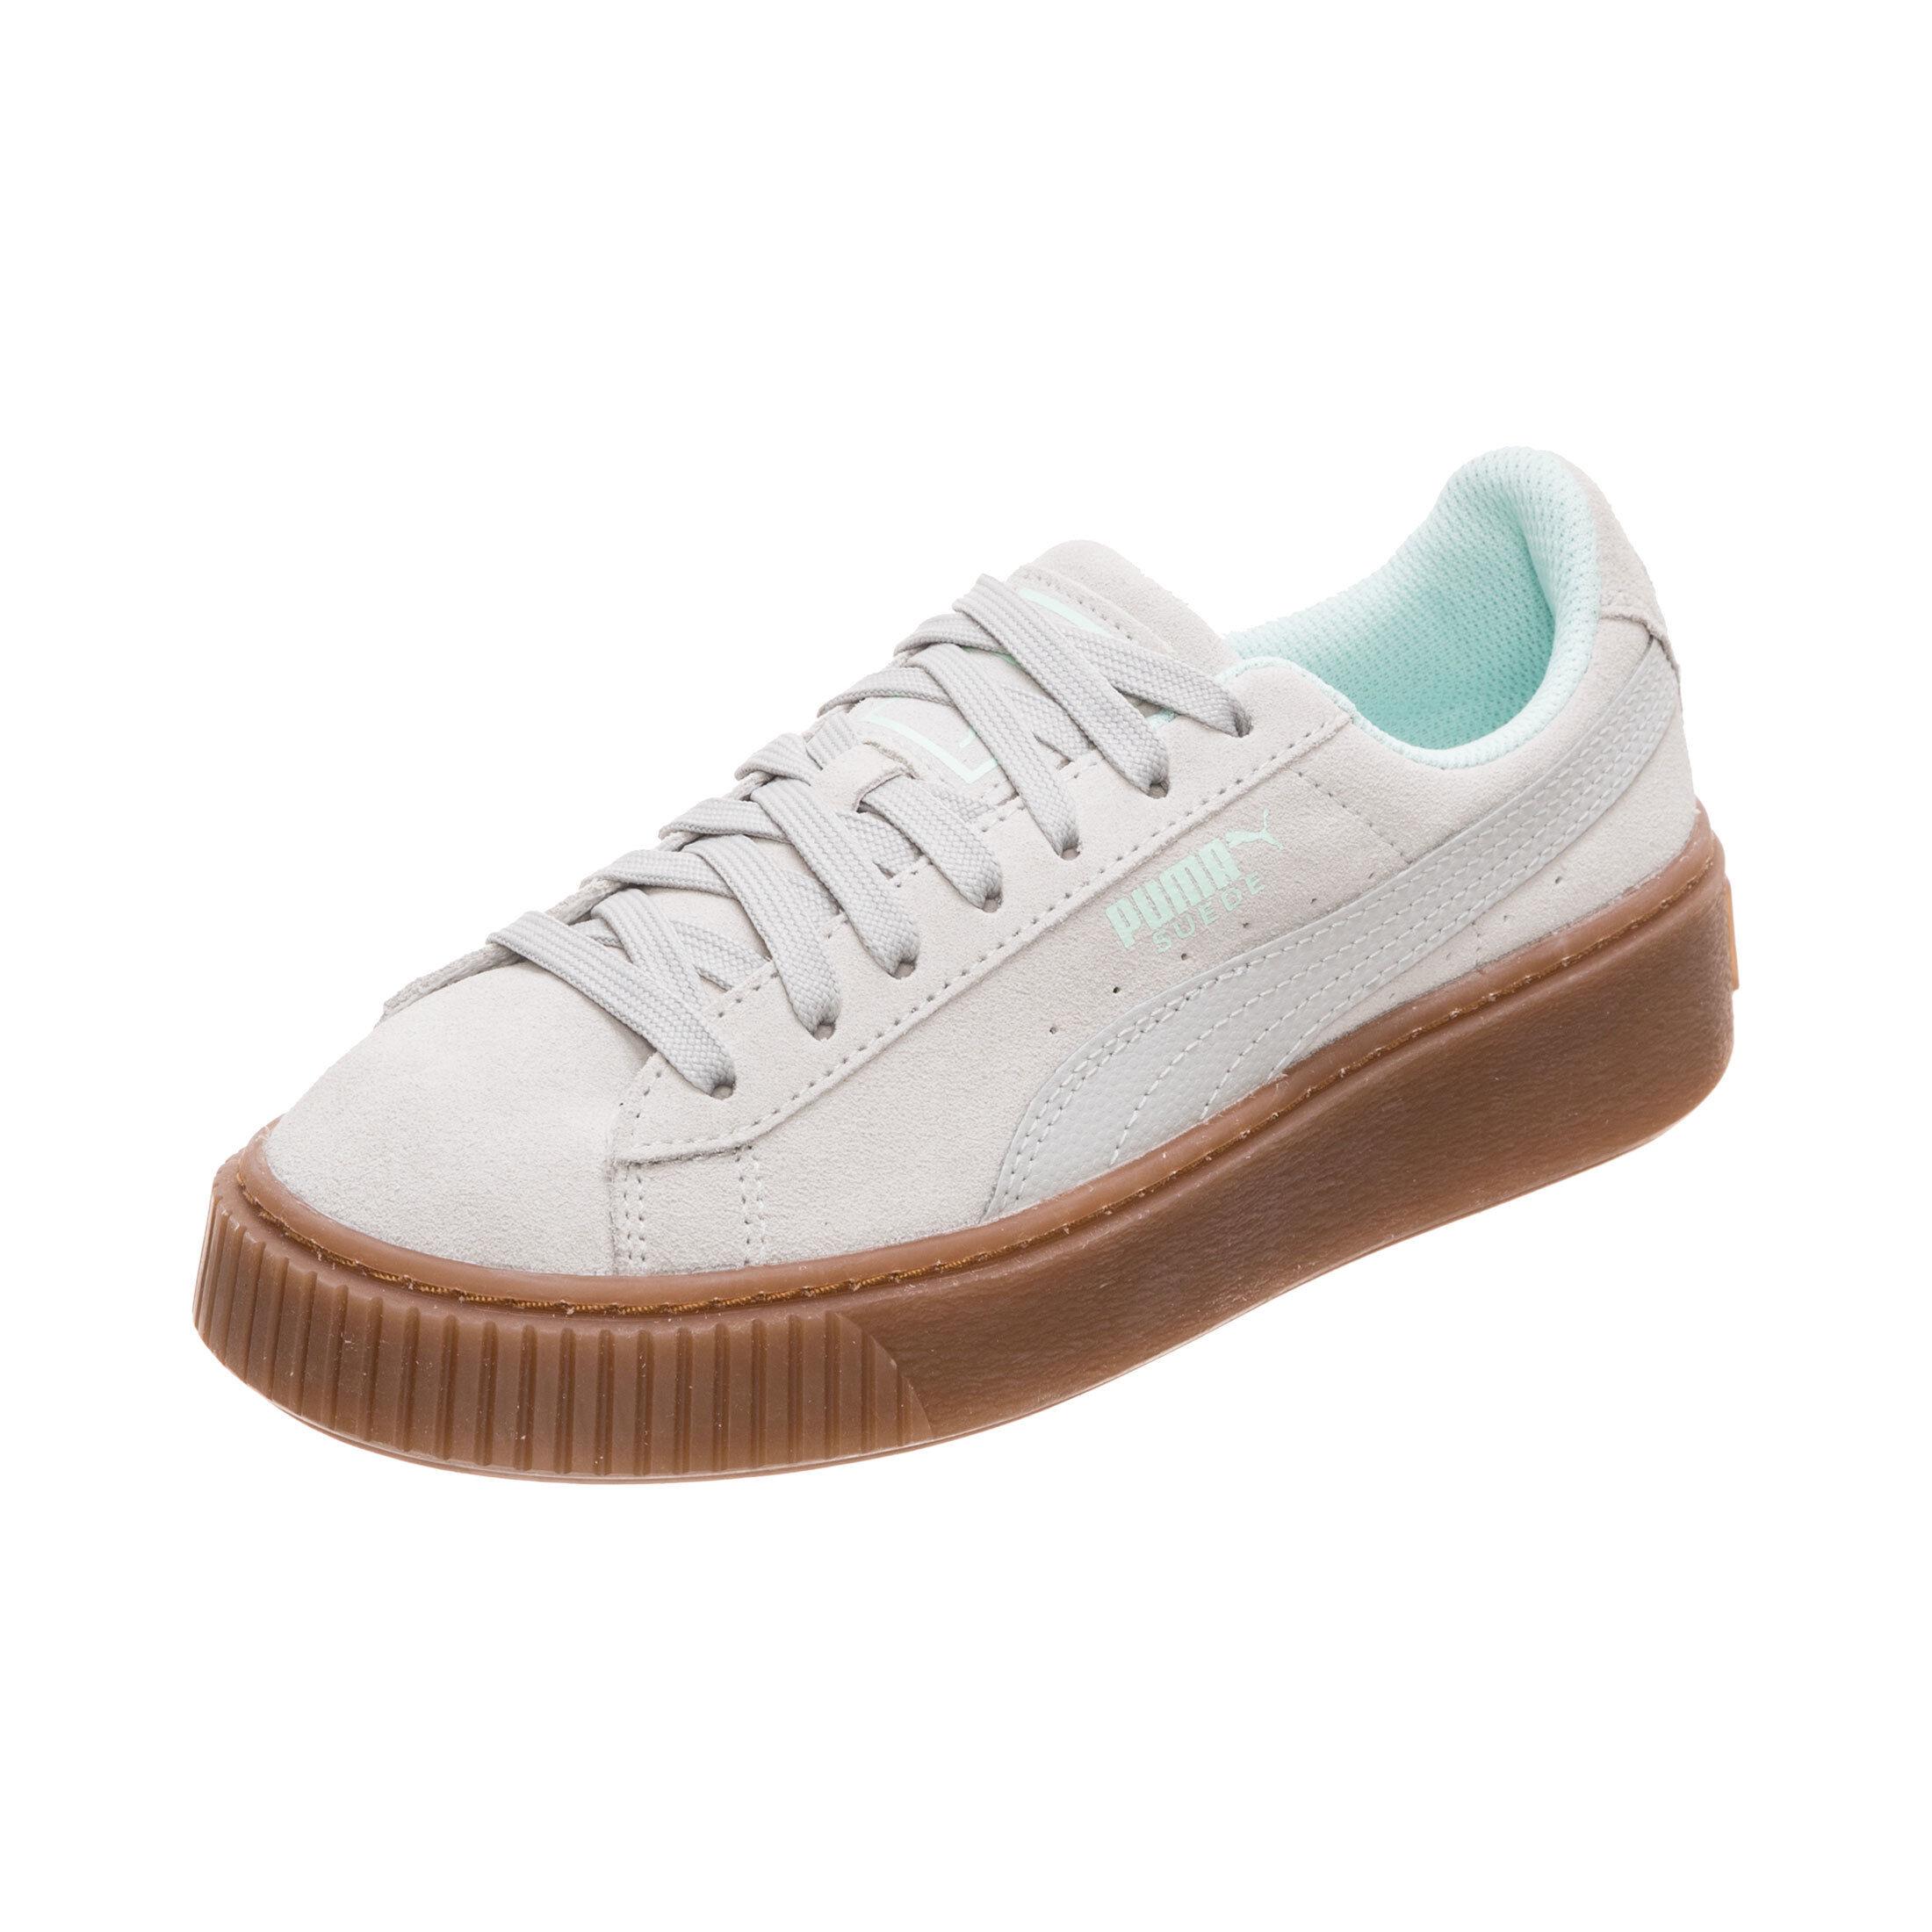 Authentic Geschäft durchsuchen Schuhe Puma Basket Platform